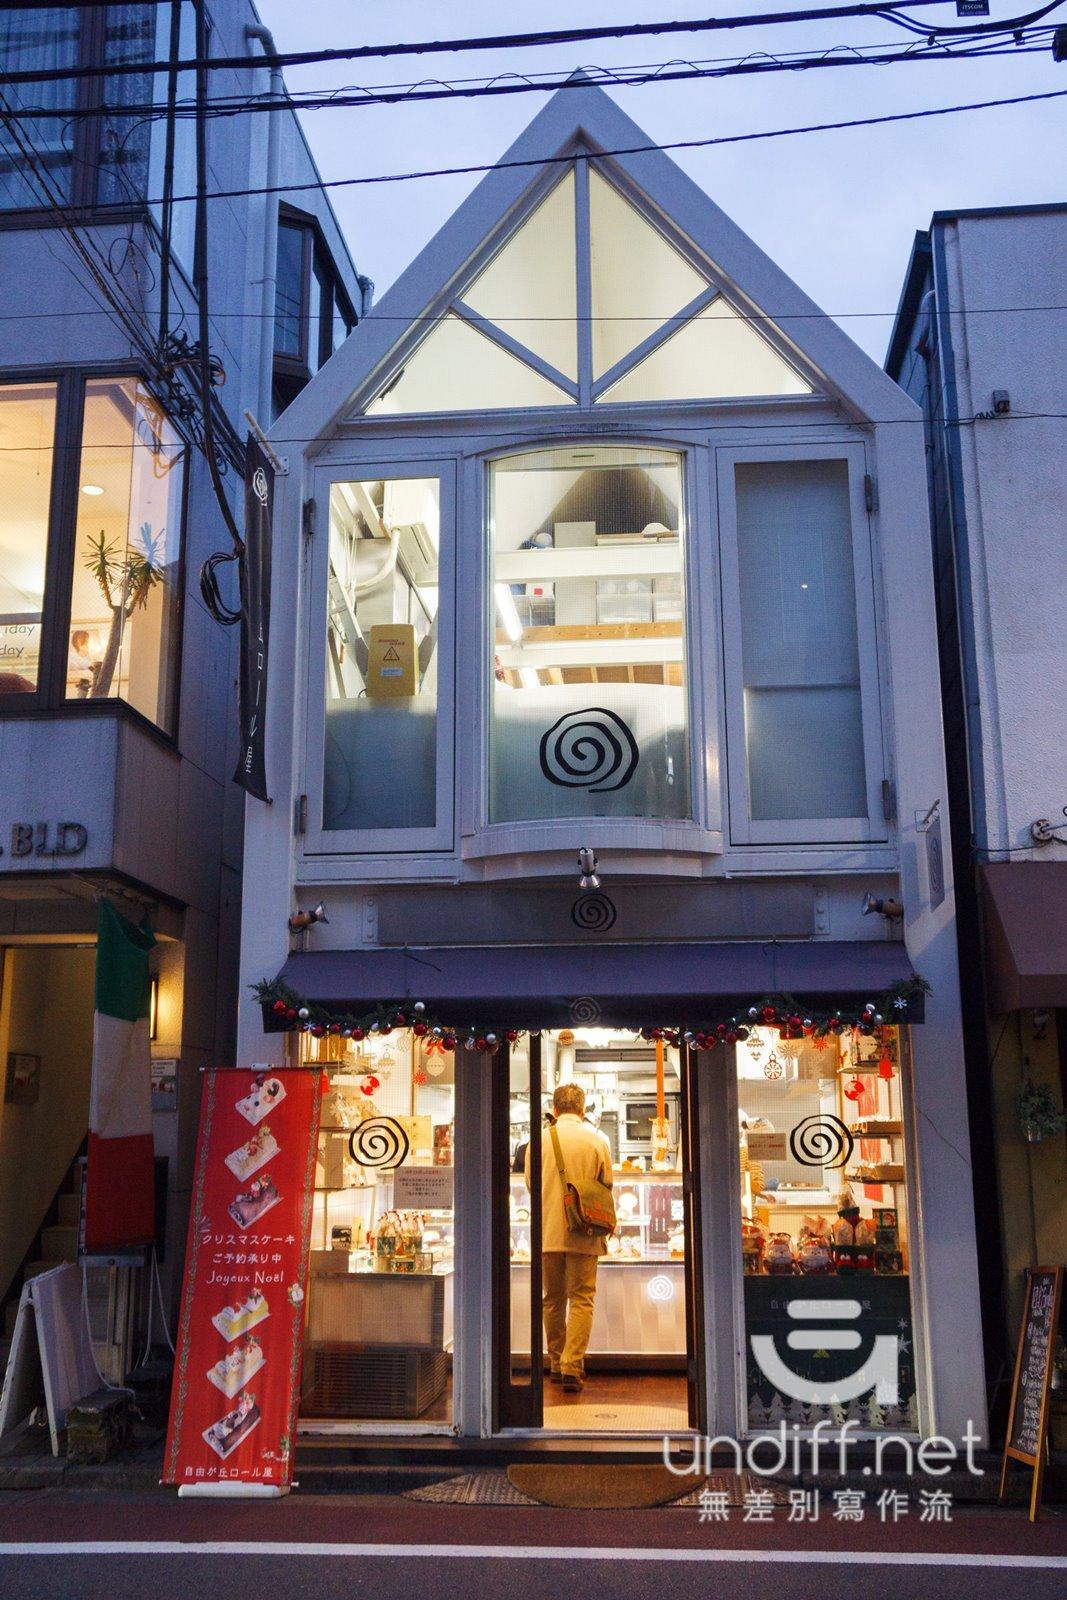 【東京美食】自由之丘 ロール屋 》樸實就很好吃的瑞士蛋糕捲專賣店 4